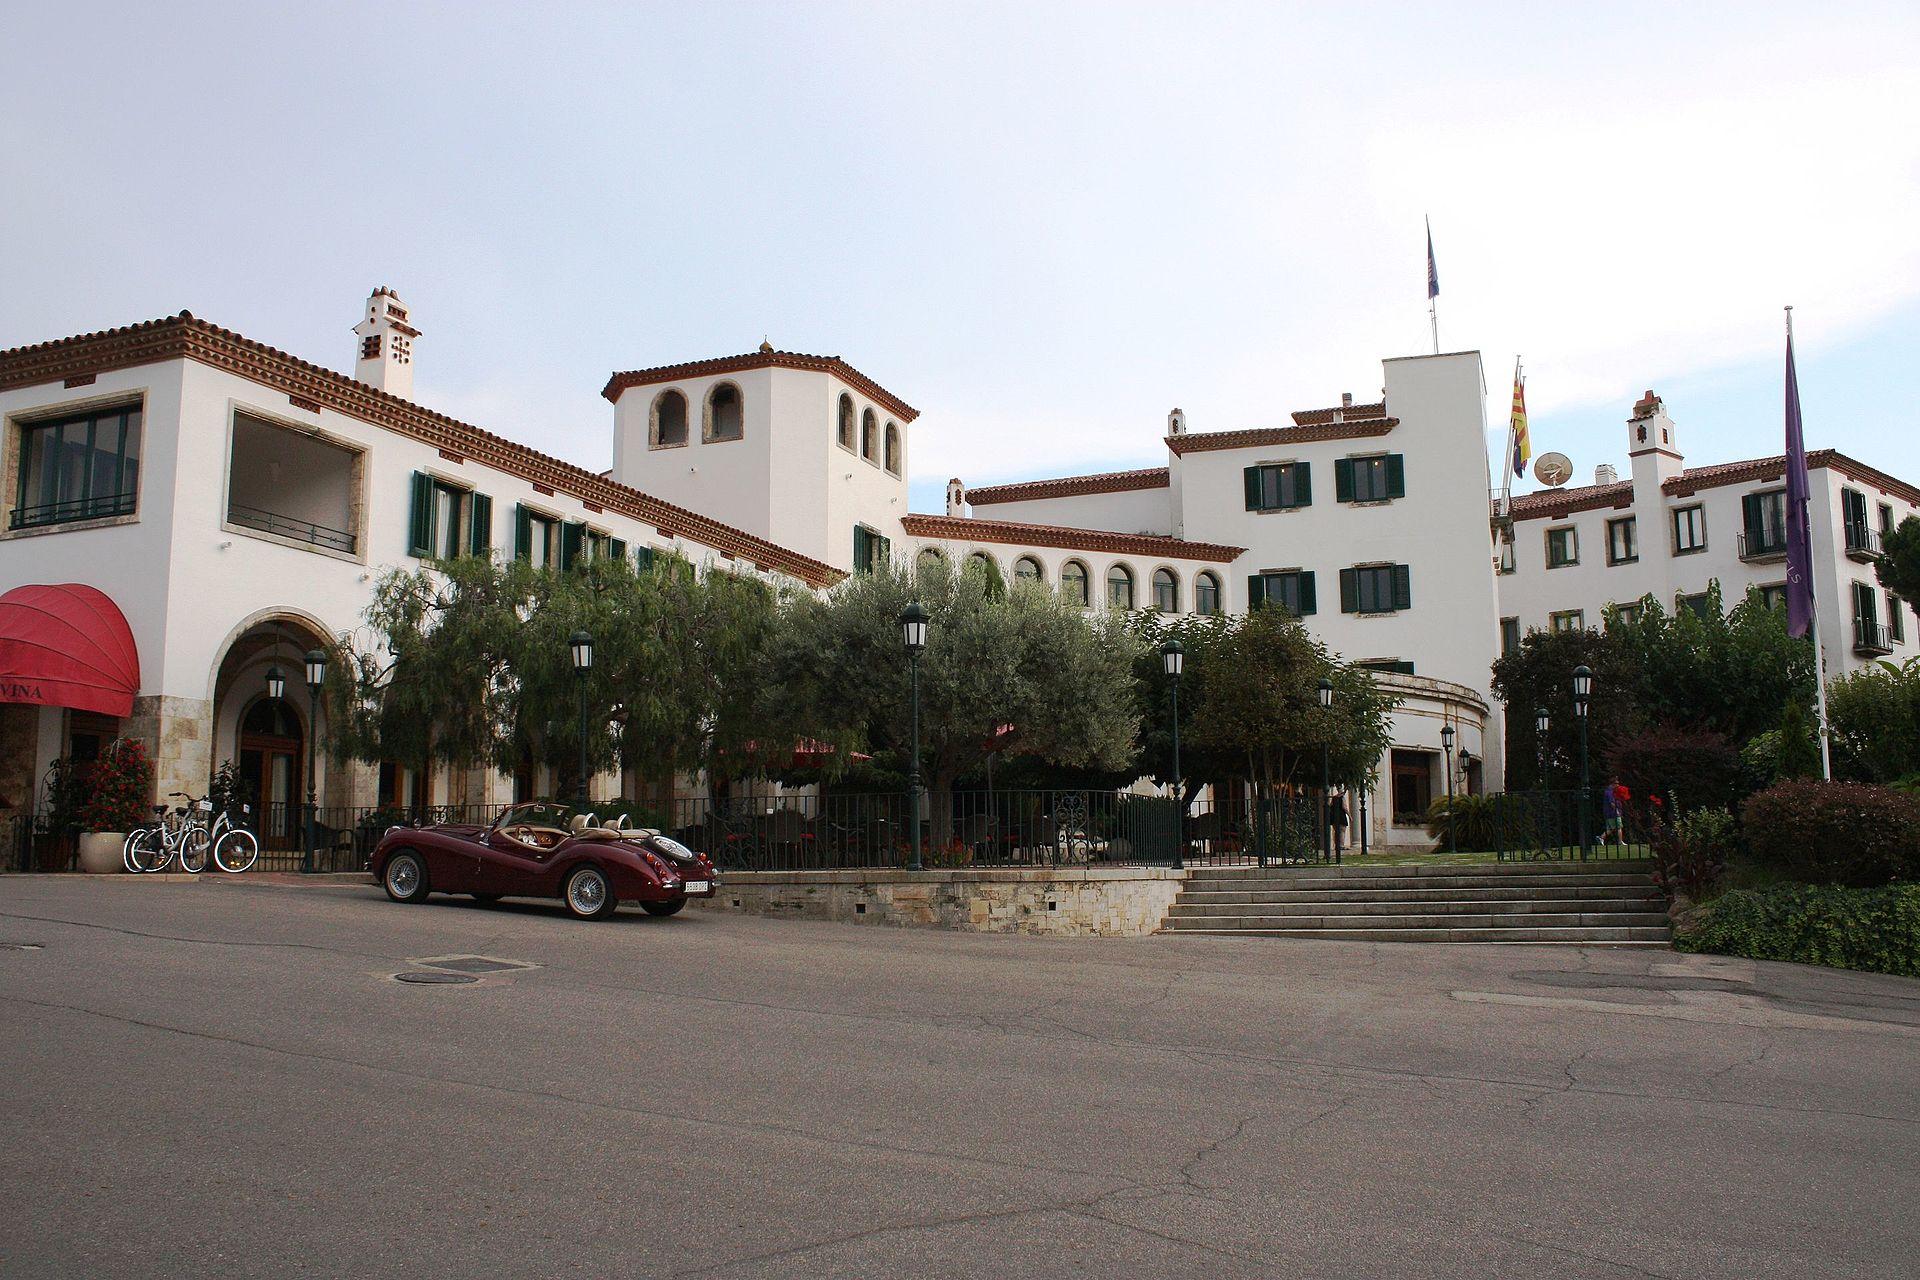 Hostal de la gavina viquip dia l 39 enciclop dia lliure for Hotel la gavina